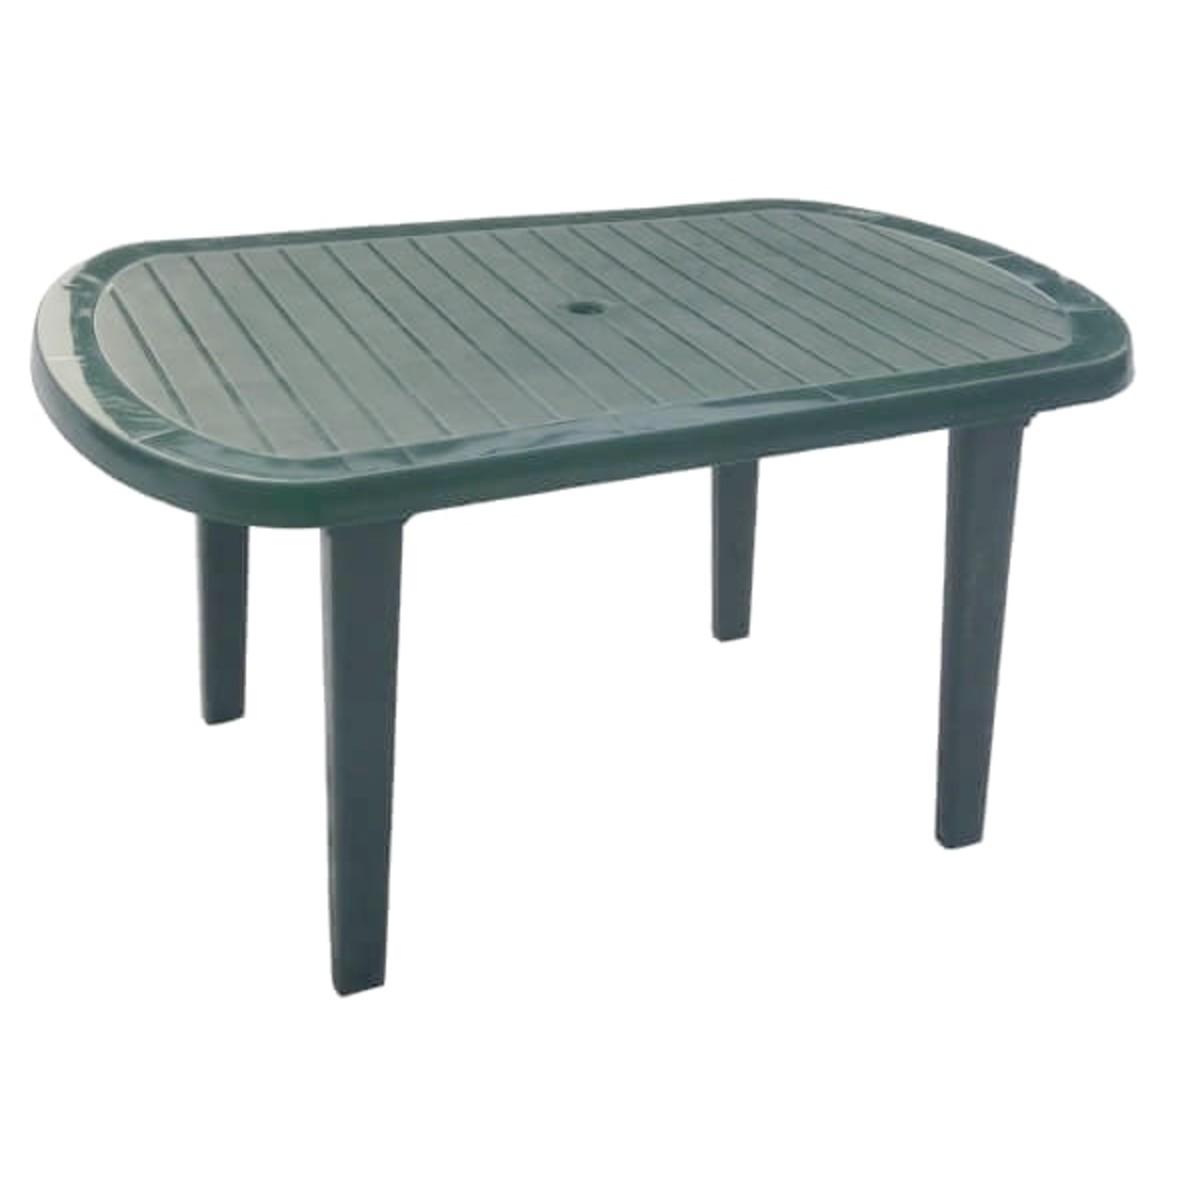 Стол садовый овальный пластик цвет темно-зеленый